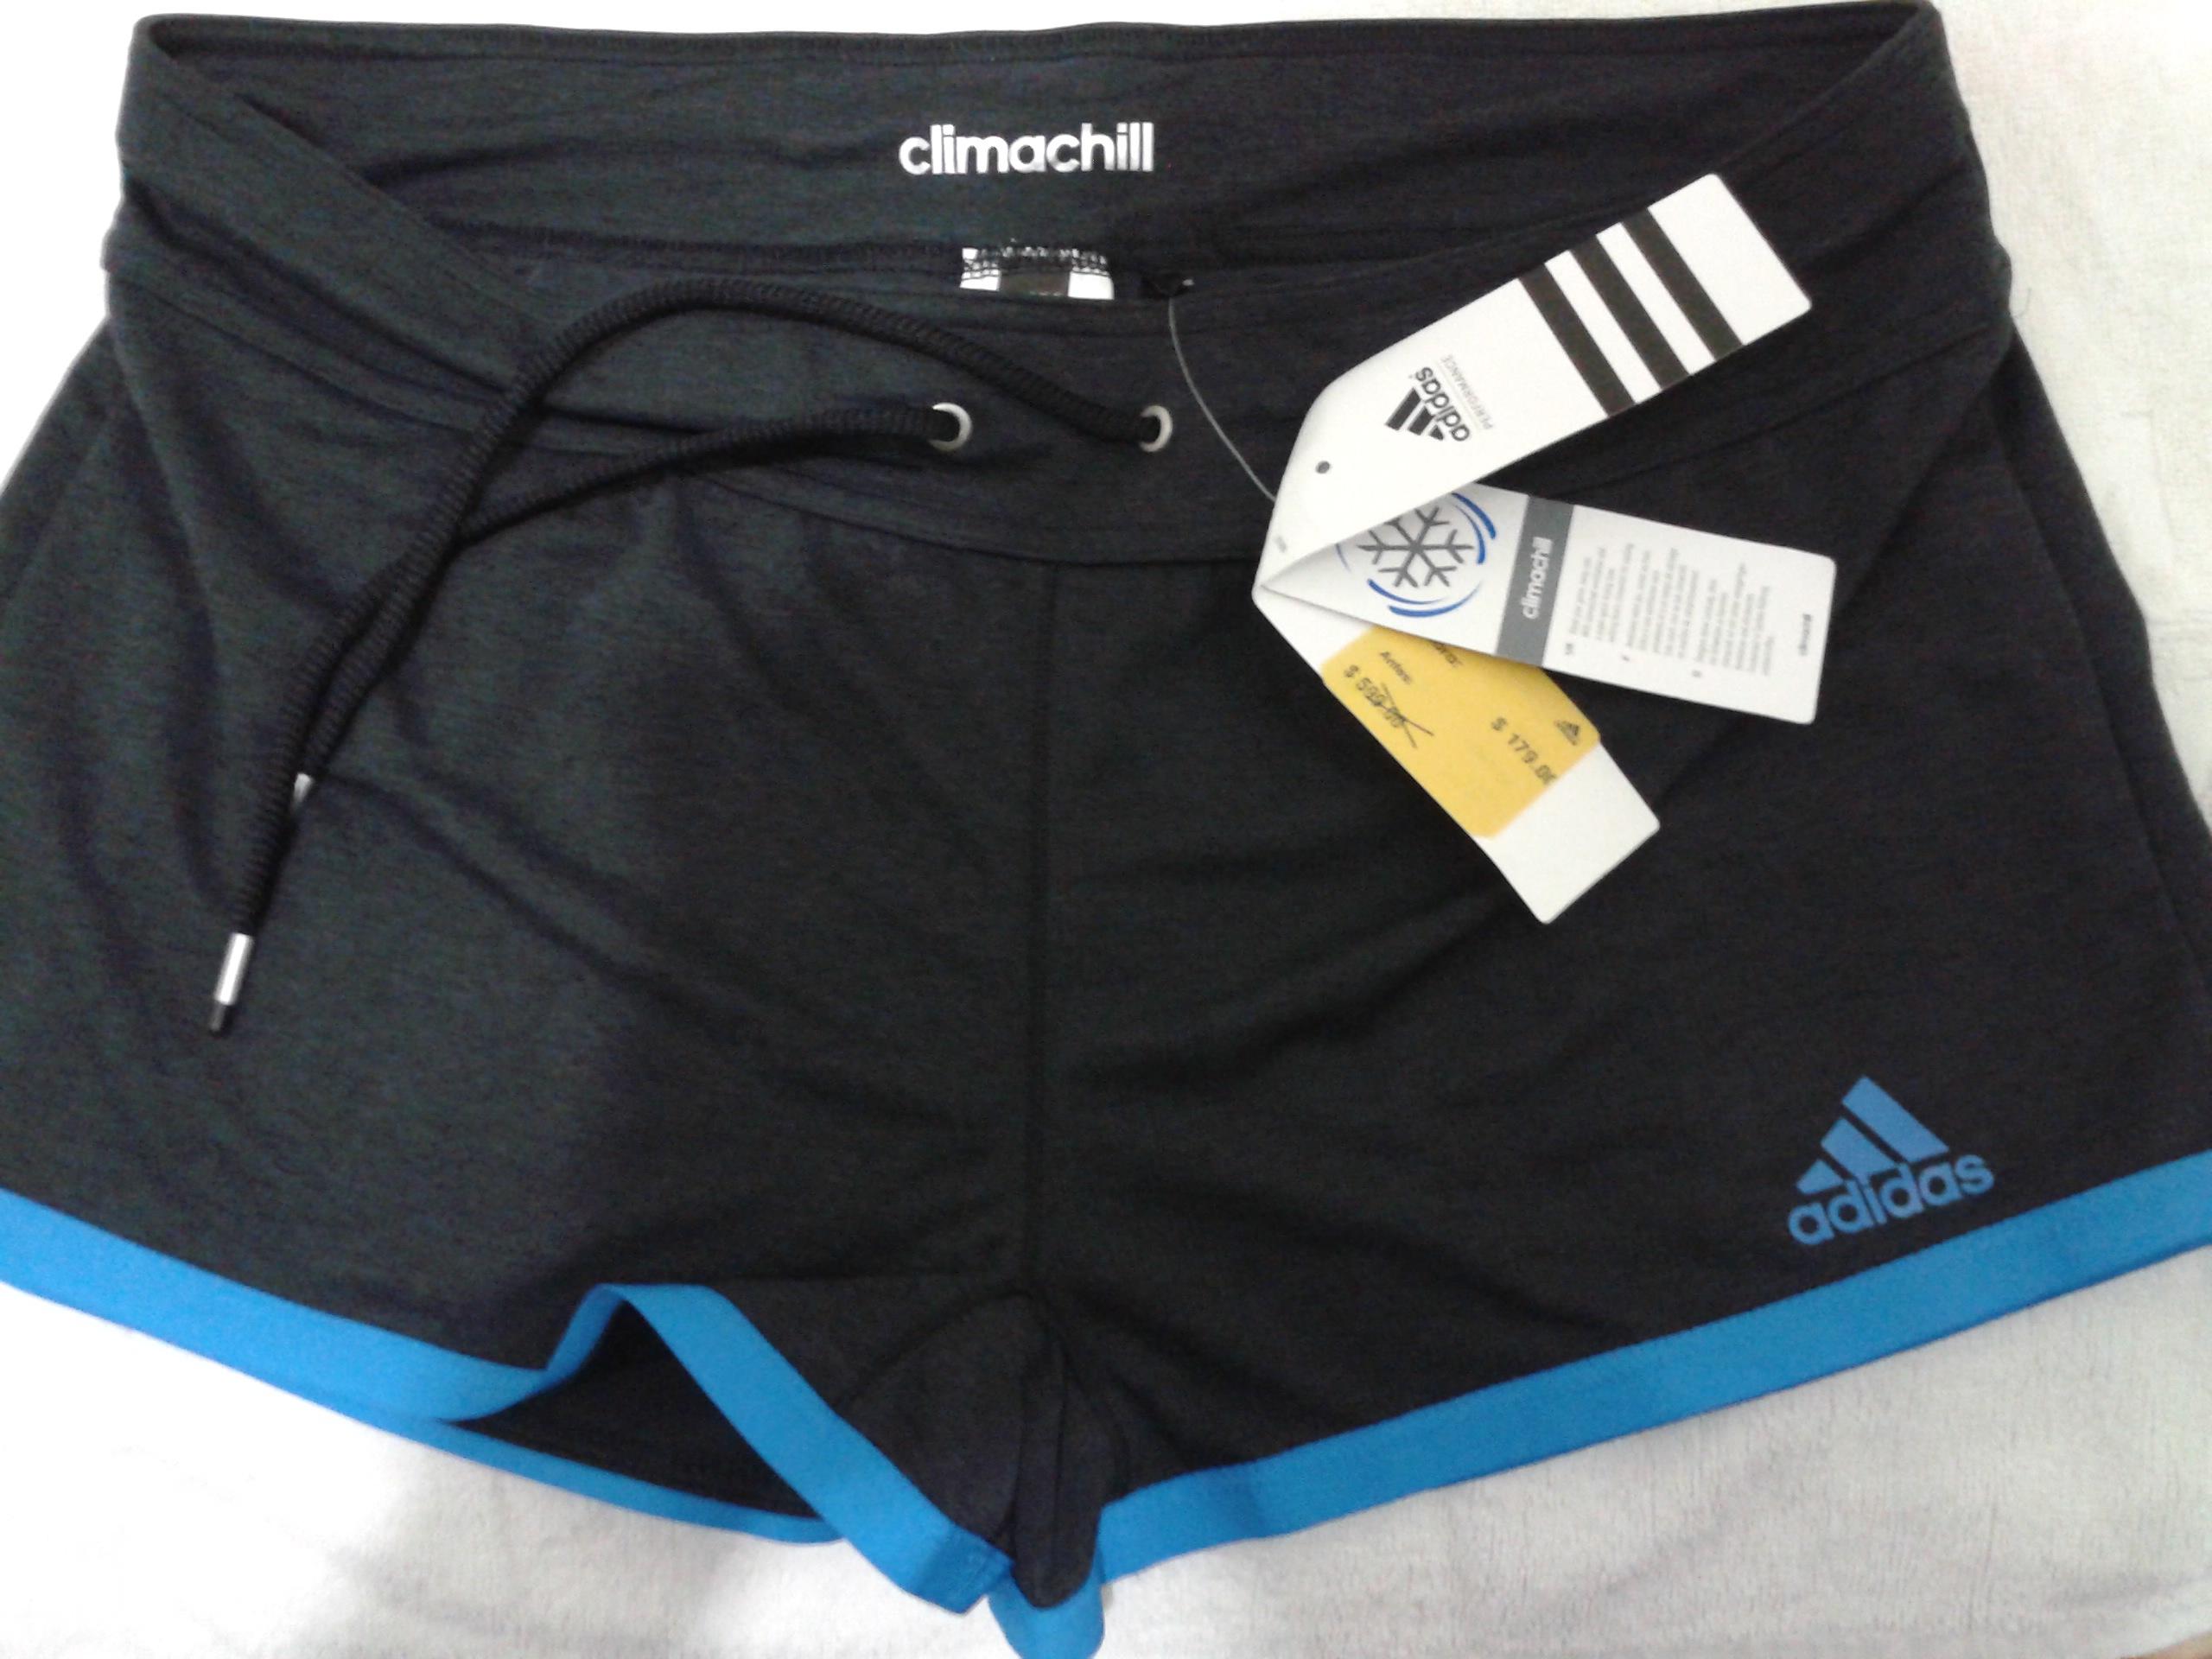 Adidas: Short de dama Climachill a $179